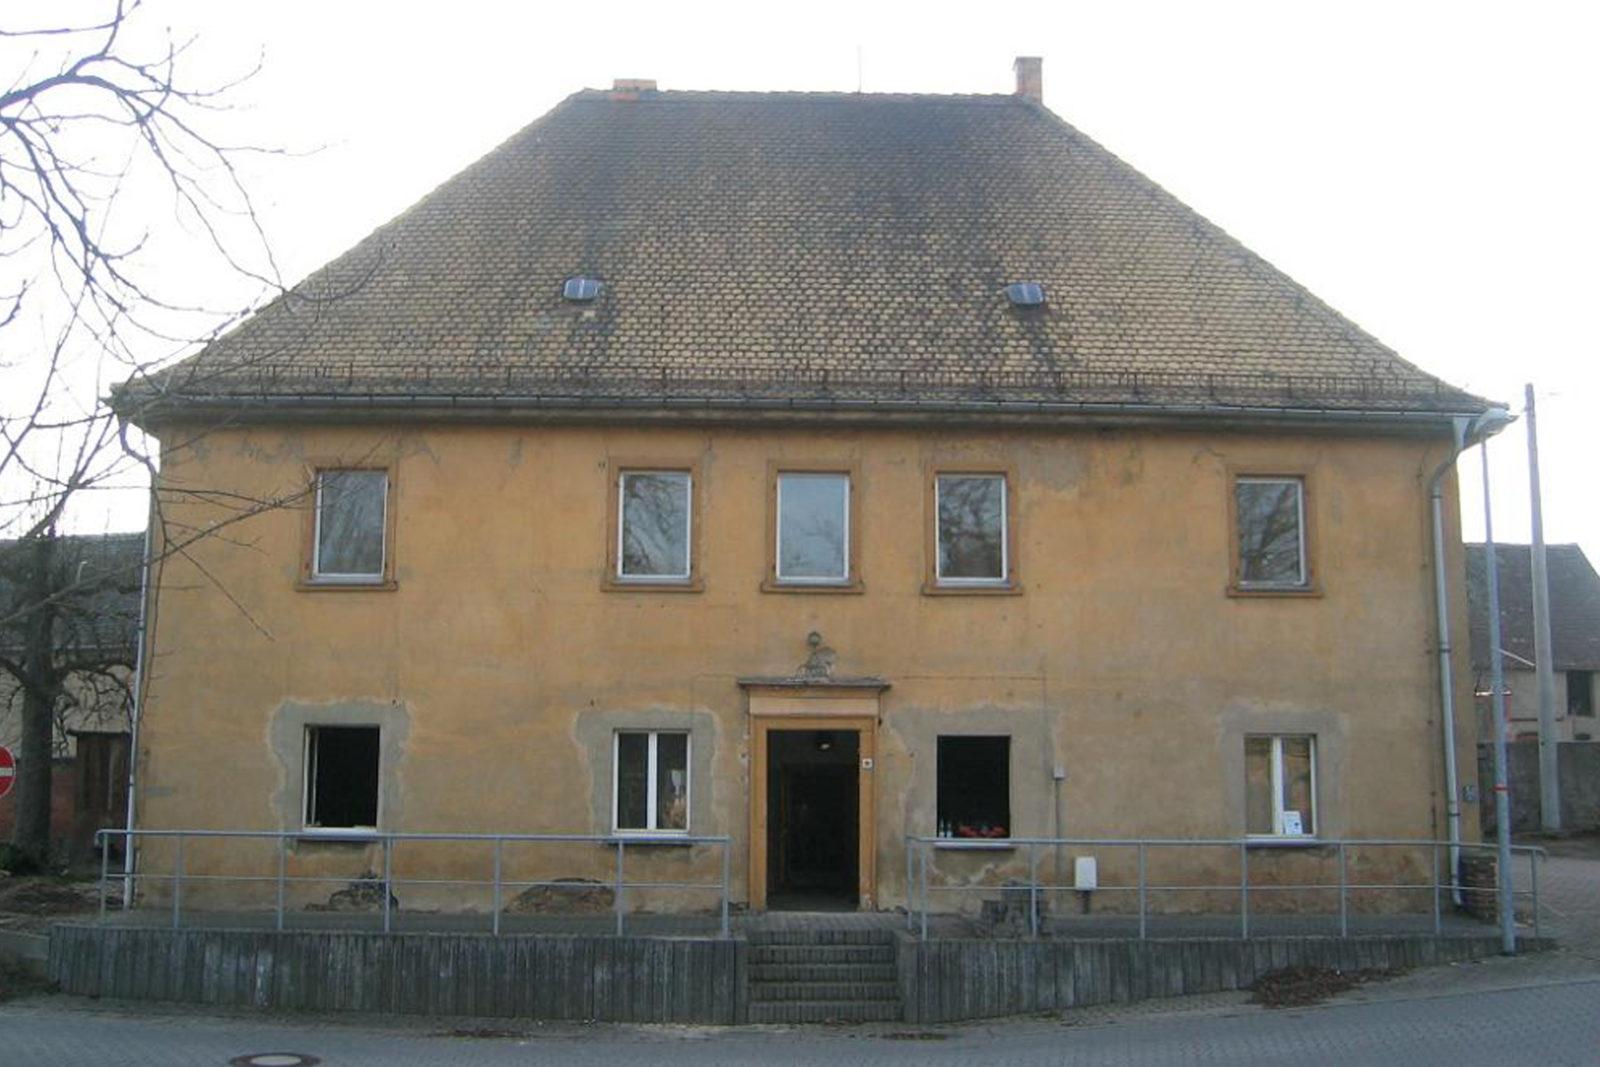 Umbau und Sanierung Baudenkmal Rentmeisterhaus in Püchau - Bestand vor der Sanierung